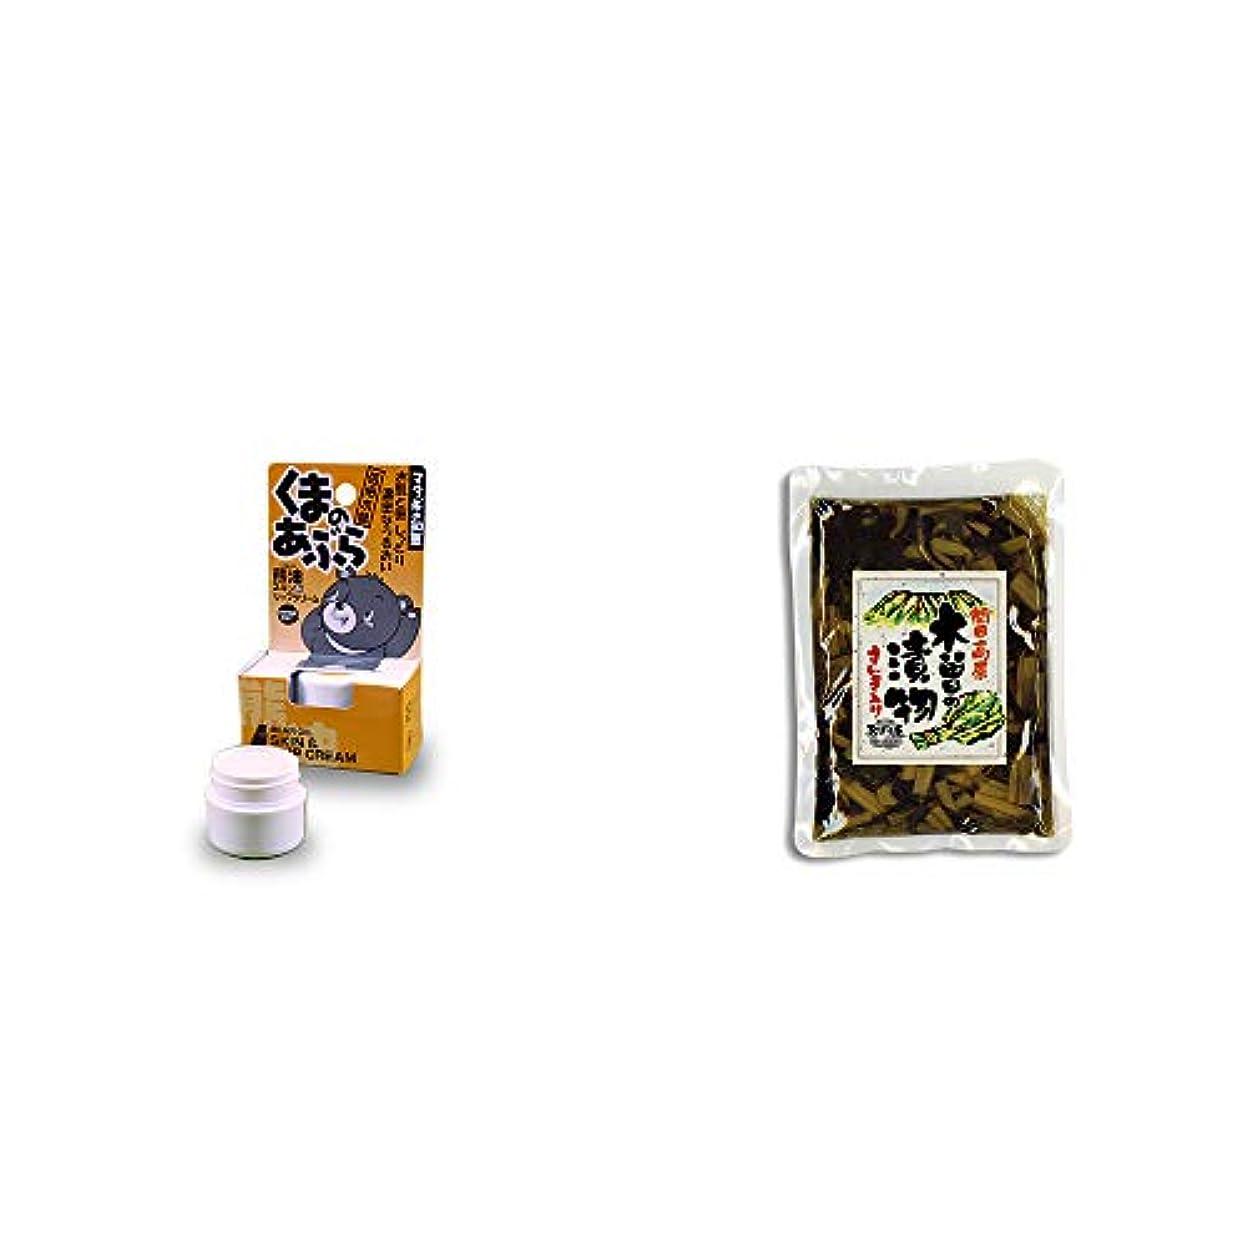 上院リーダーシップ円形の[2点セット] 信州木曽 くまのあぶら 熊油スキン&リップクリーム(9g)?【年中販売】木曽の漬物 すんき入り(200g) / すんき漬け味付加工品 //